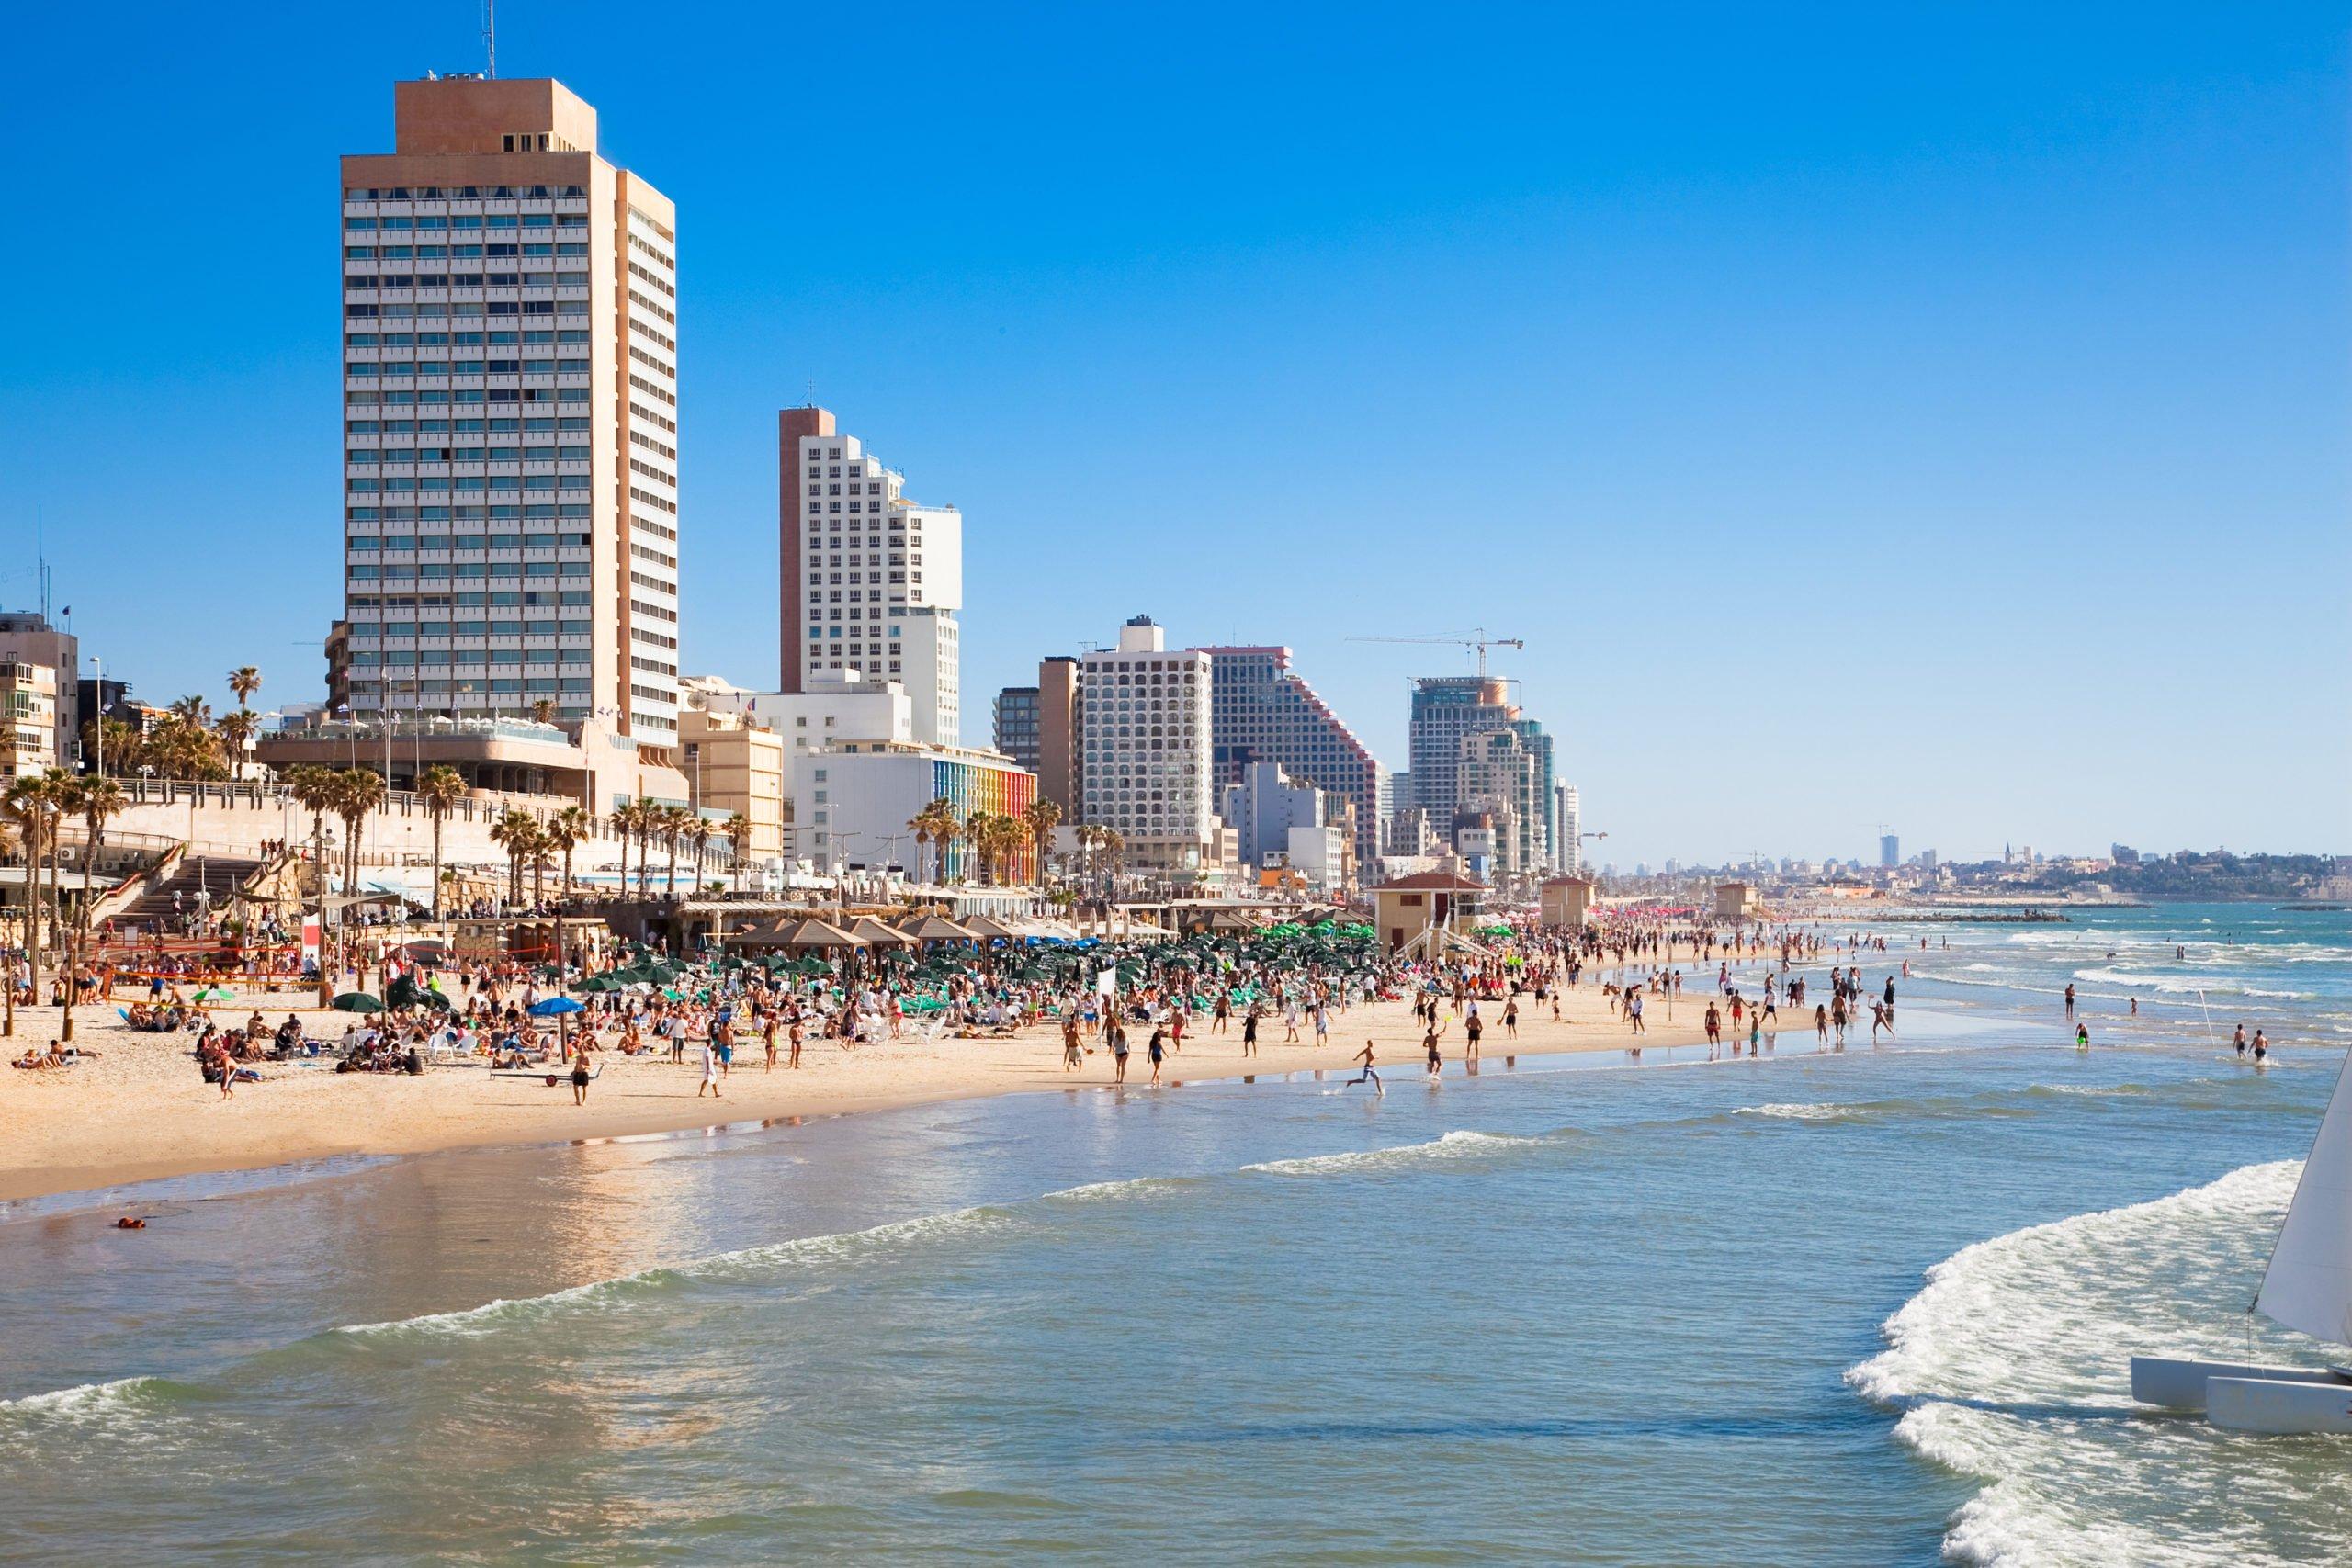 Israel Tourism annonce Purple Standard pour la réouverture et l'exploitation d'hôtels